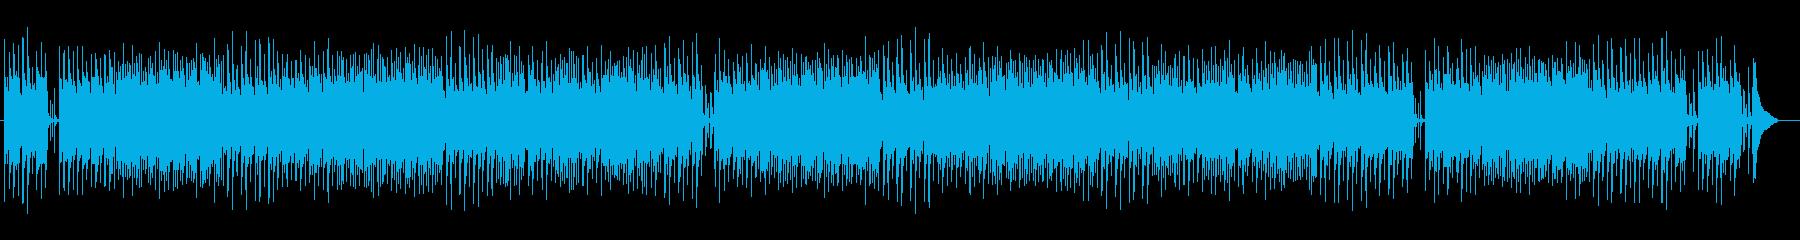 シンプルで爽やかなピアノとアコギサウンドの再生済みの波形